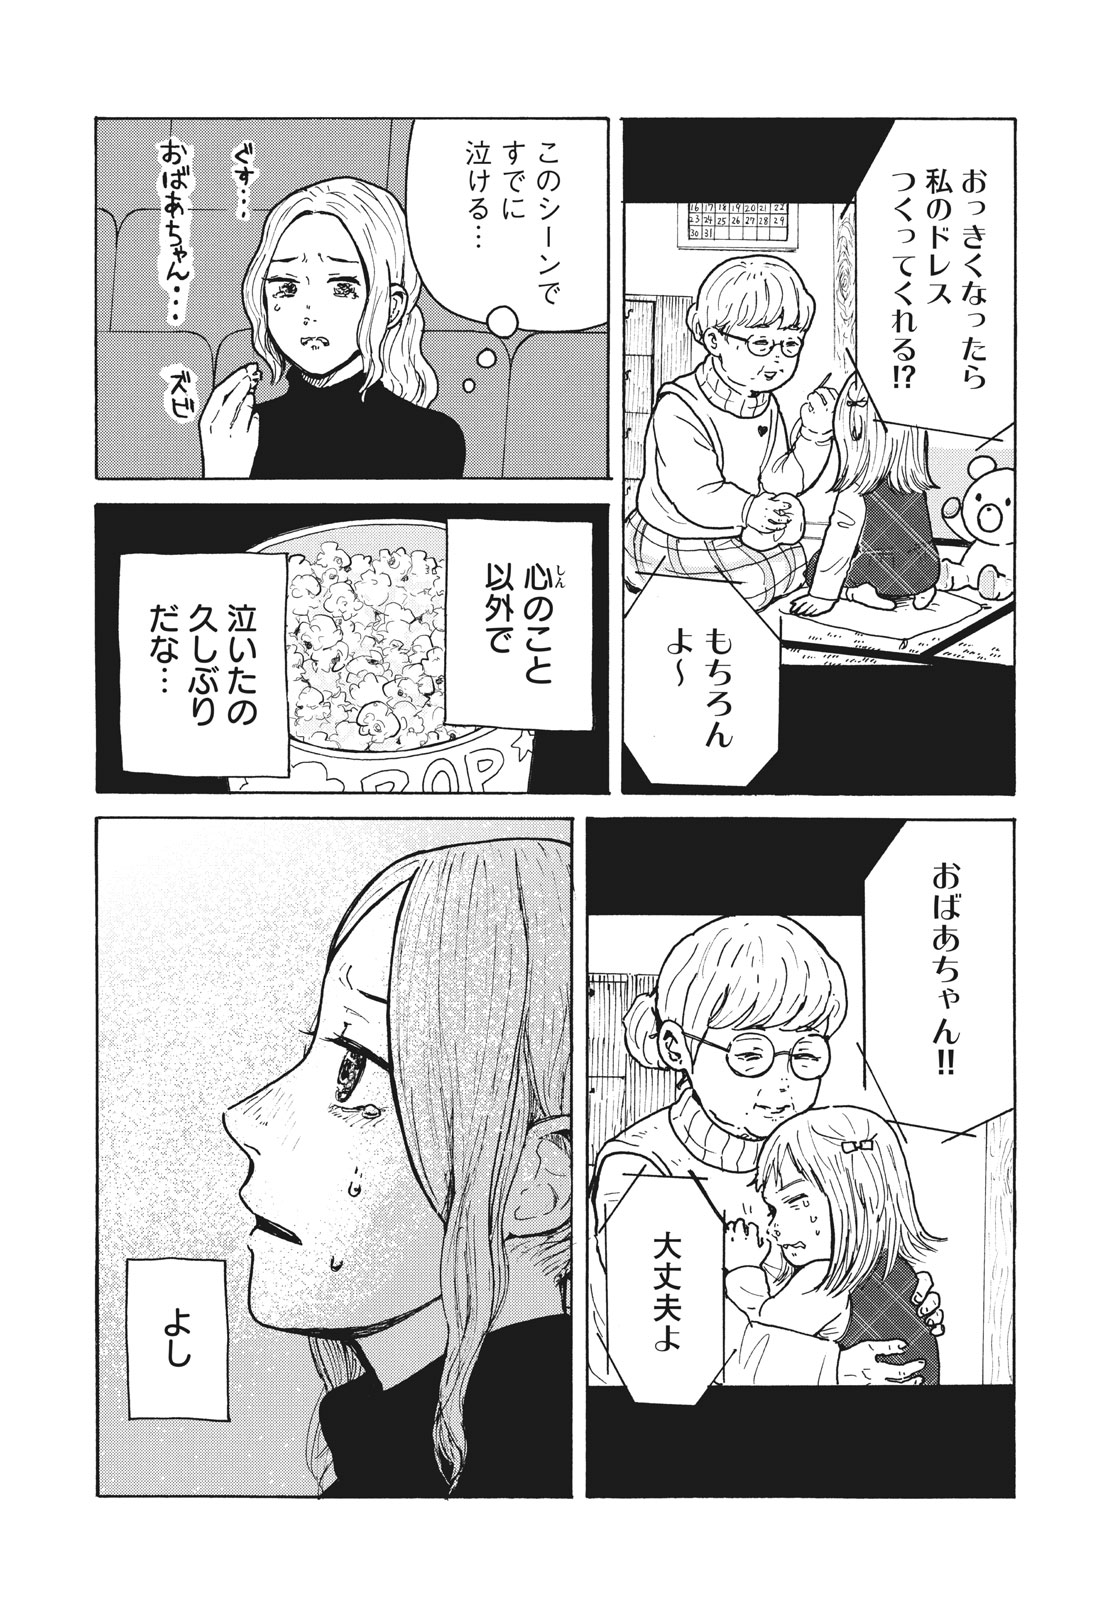 009_30日_2019_006_E.jpg